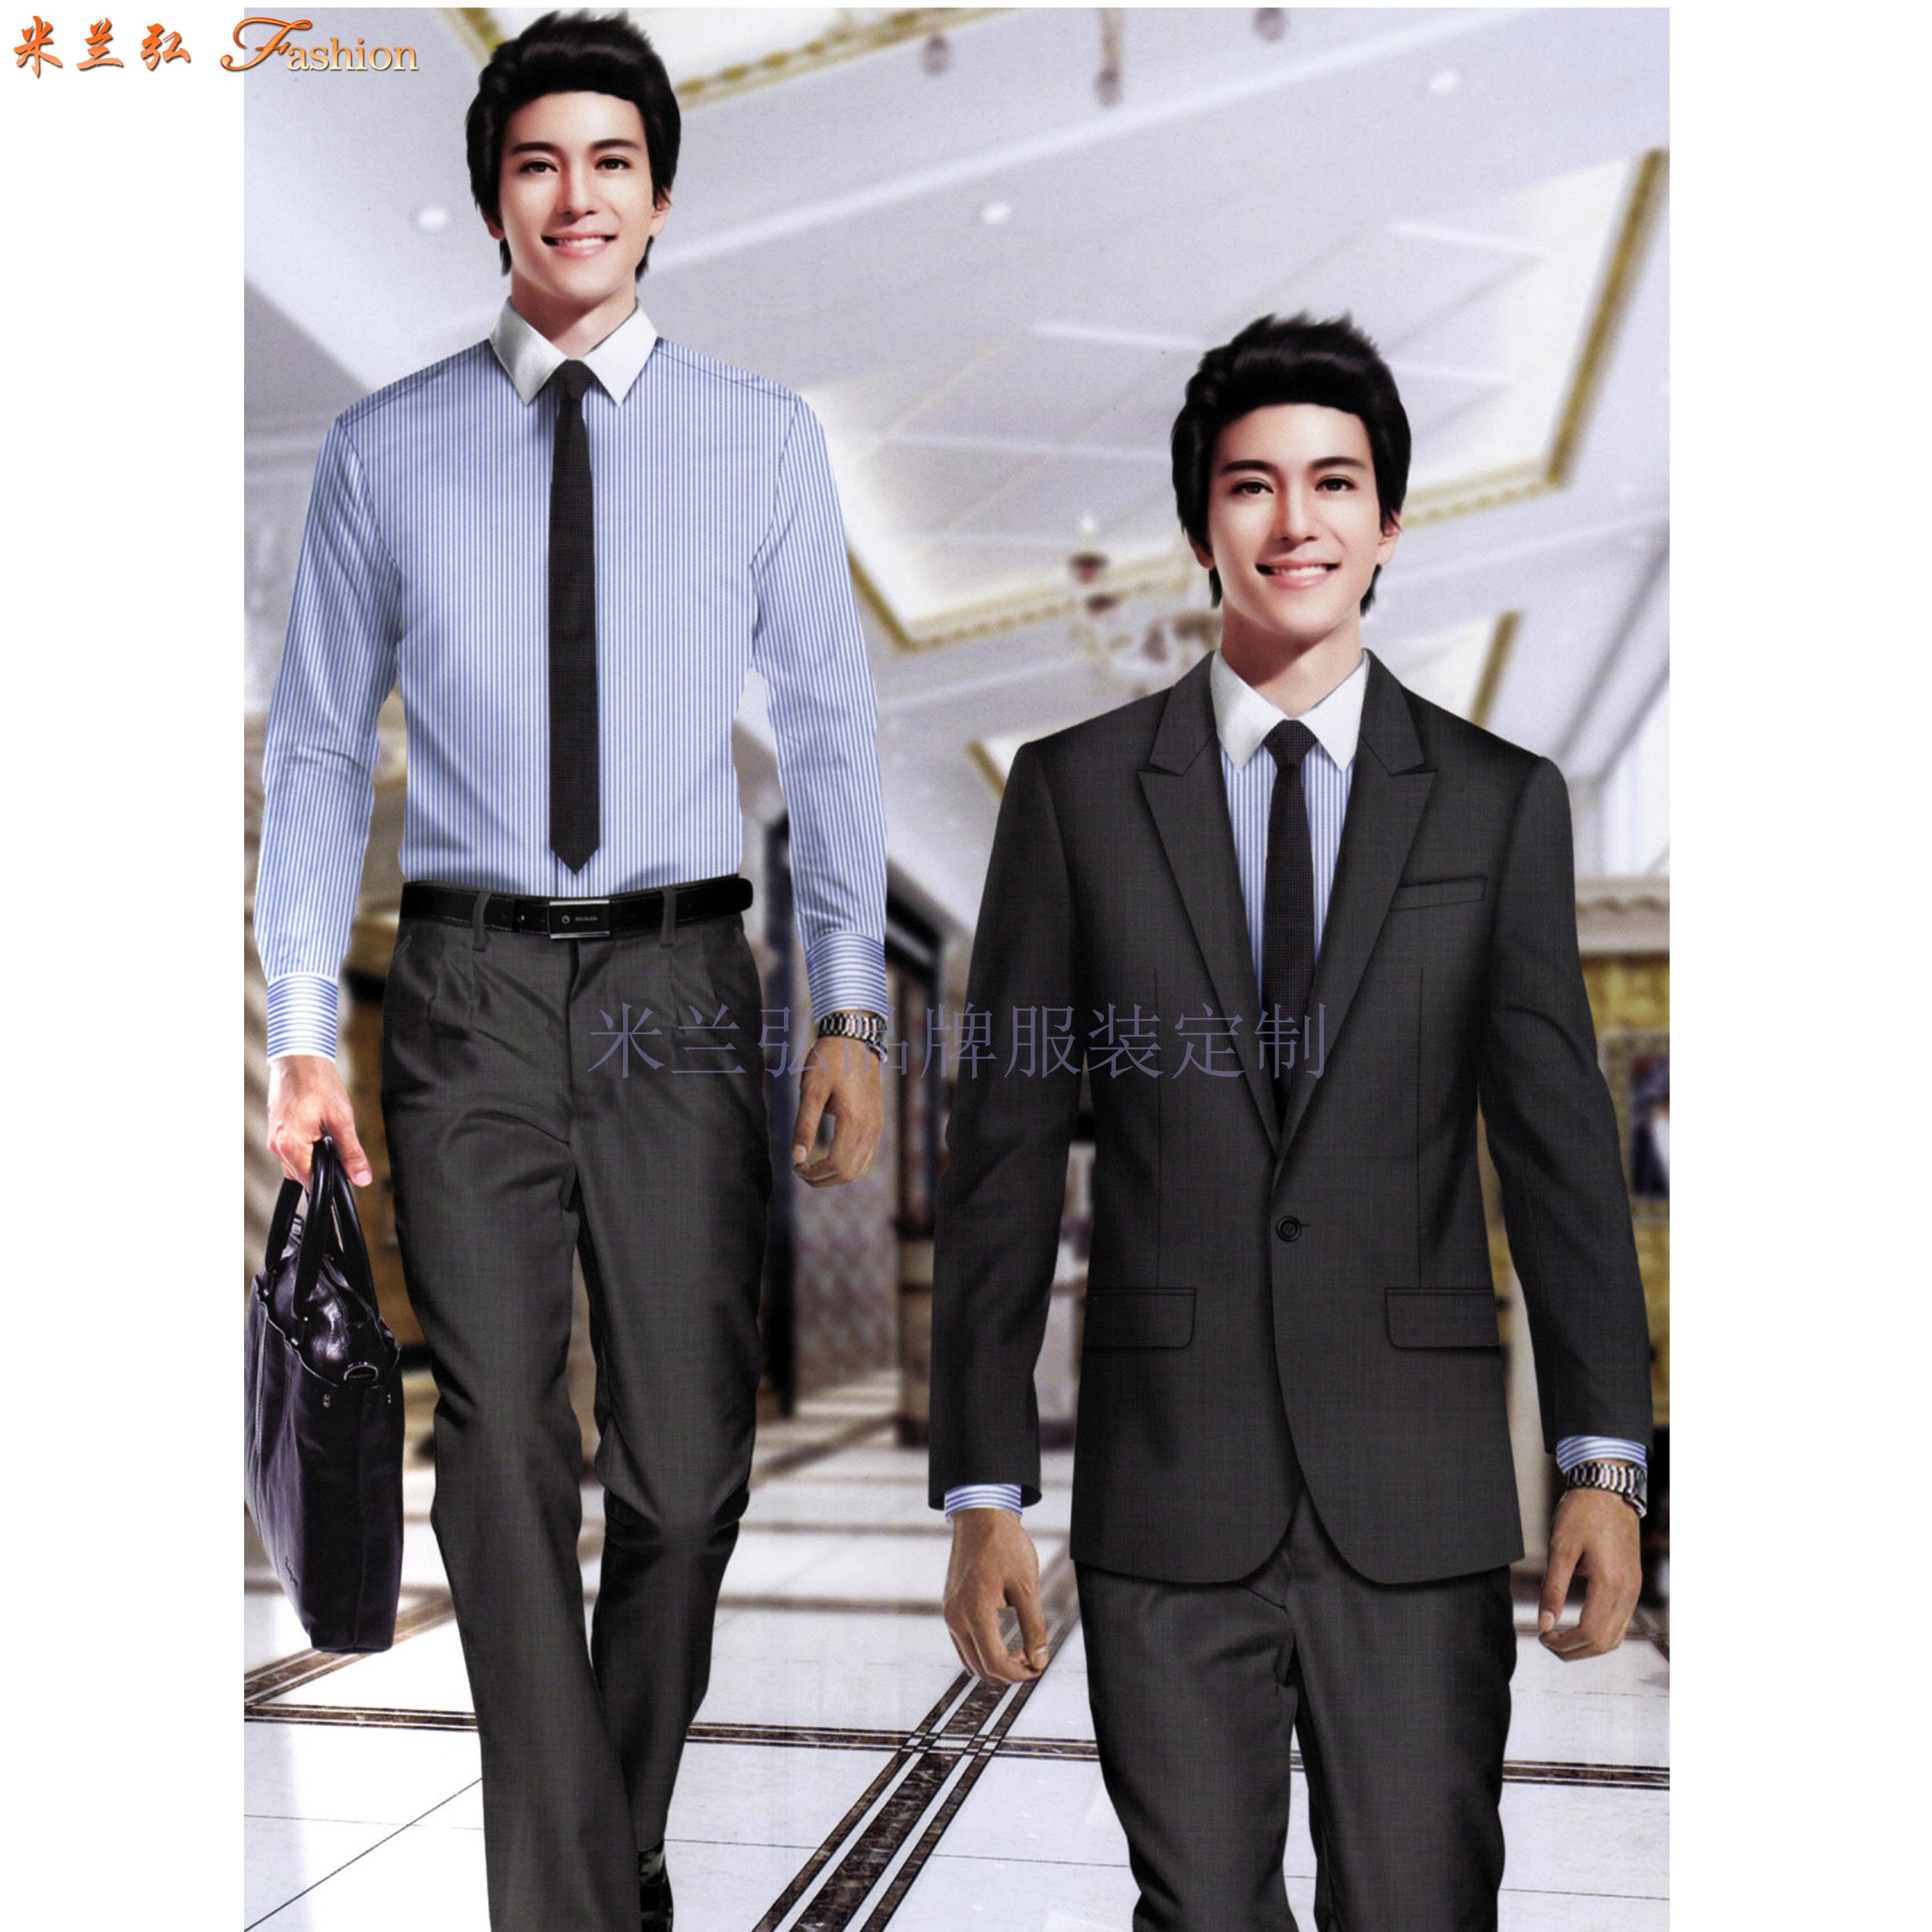 山西职业装厂家,山西时尚职业装定做厂家-2